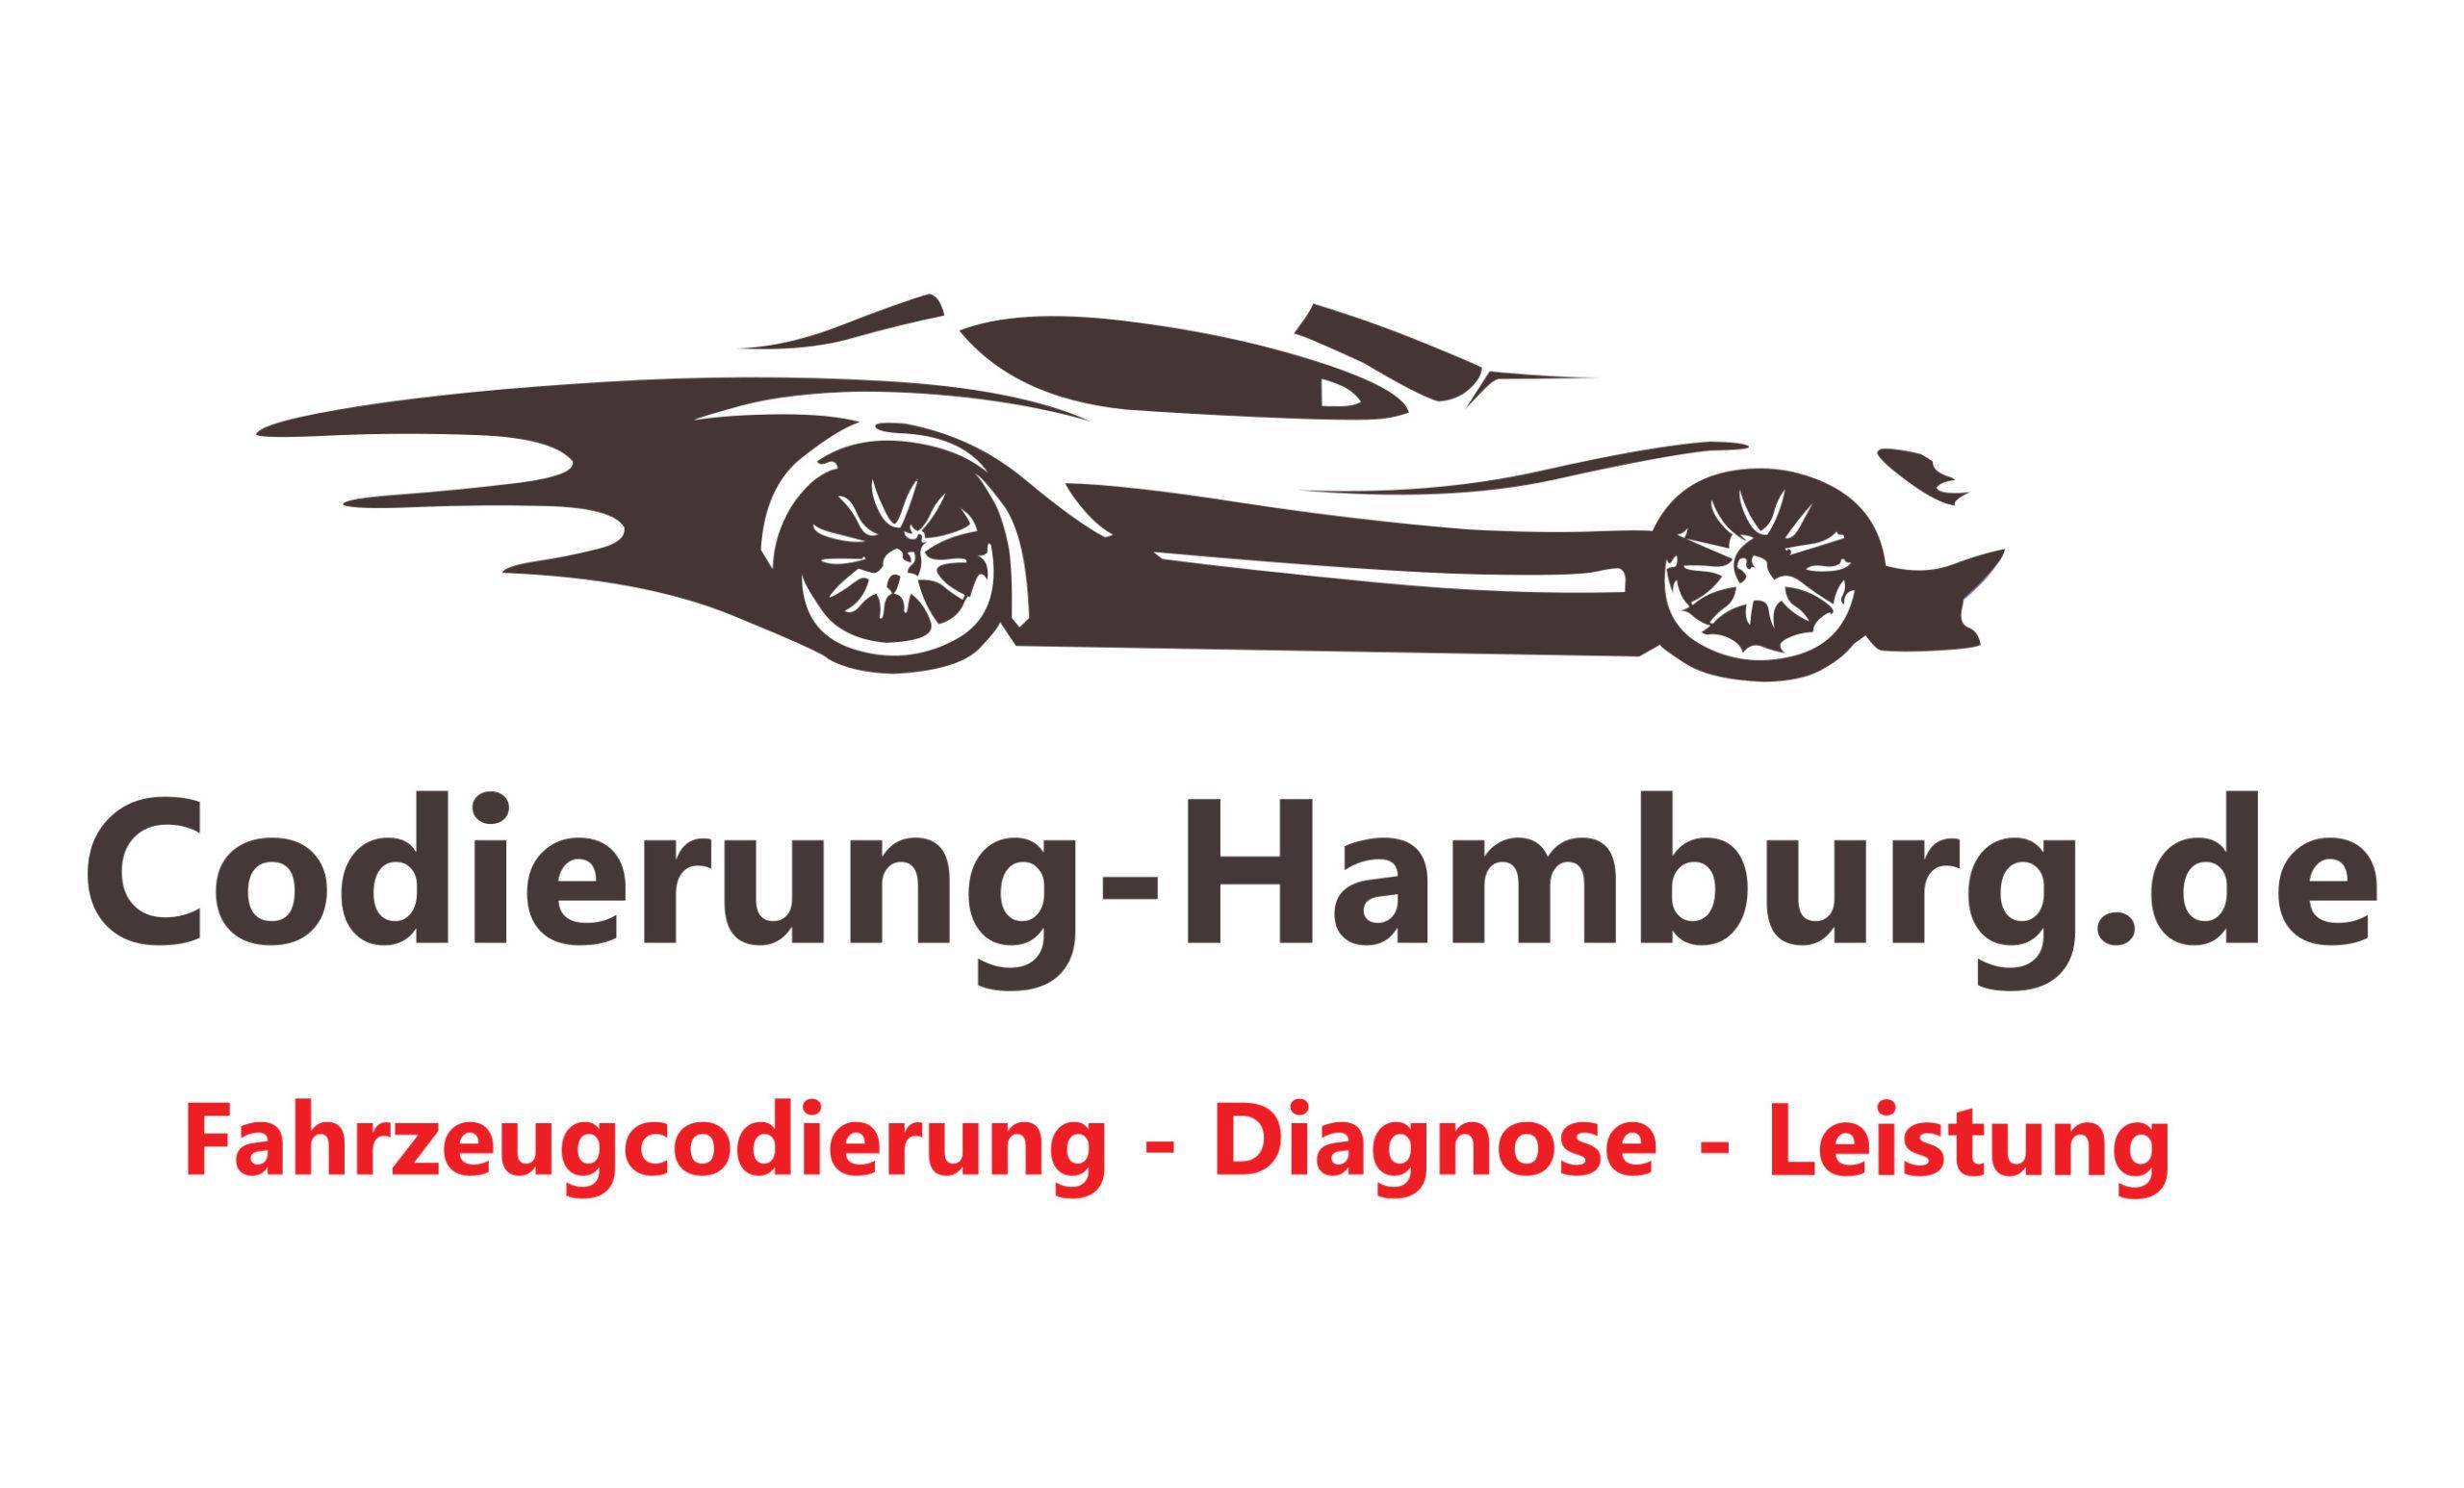 Codierung-Hamburg.de